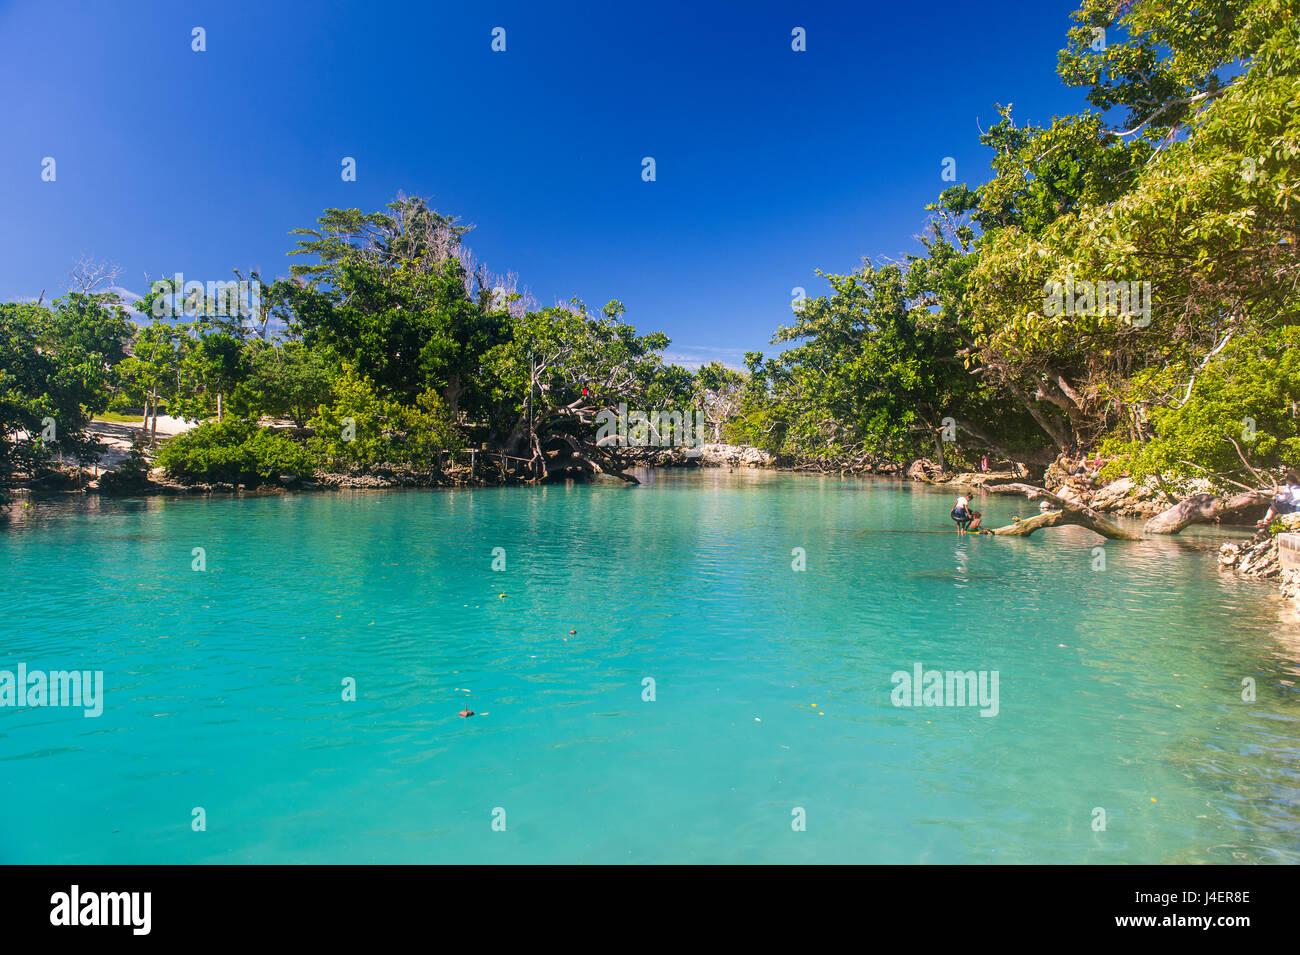 Türkisfarbene Wasser in der blauen Lagune, Efate, Vanuatu, Pazifik Stockbild